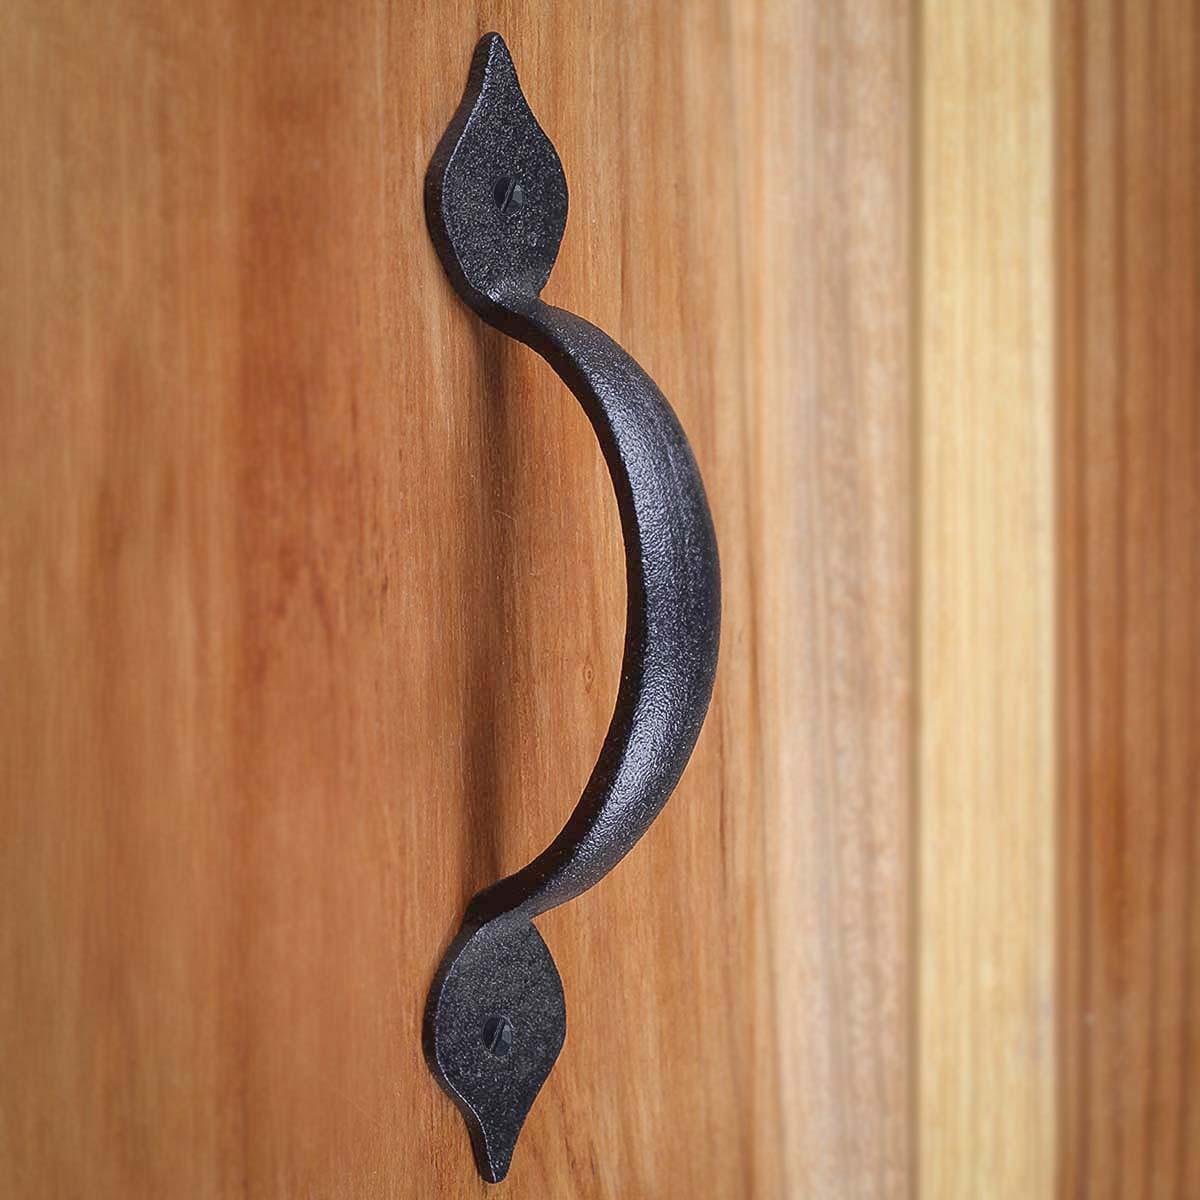 10 Spear Door or Drawer Pull Black Wrought Iron 5 12 Door Pull Door Pulls